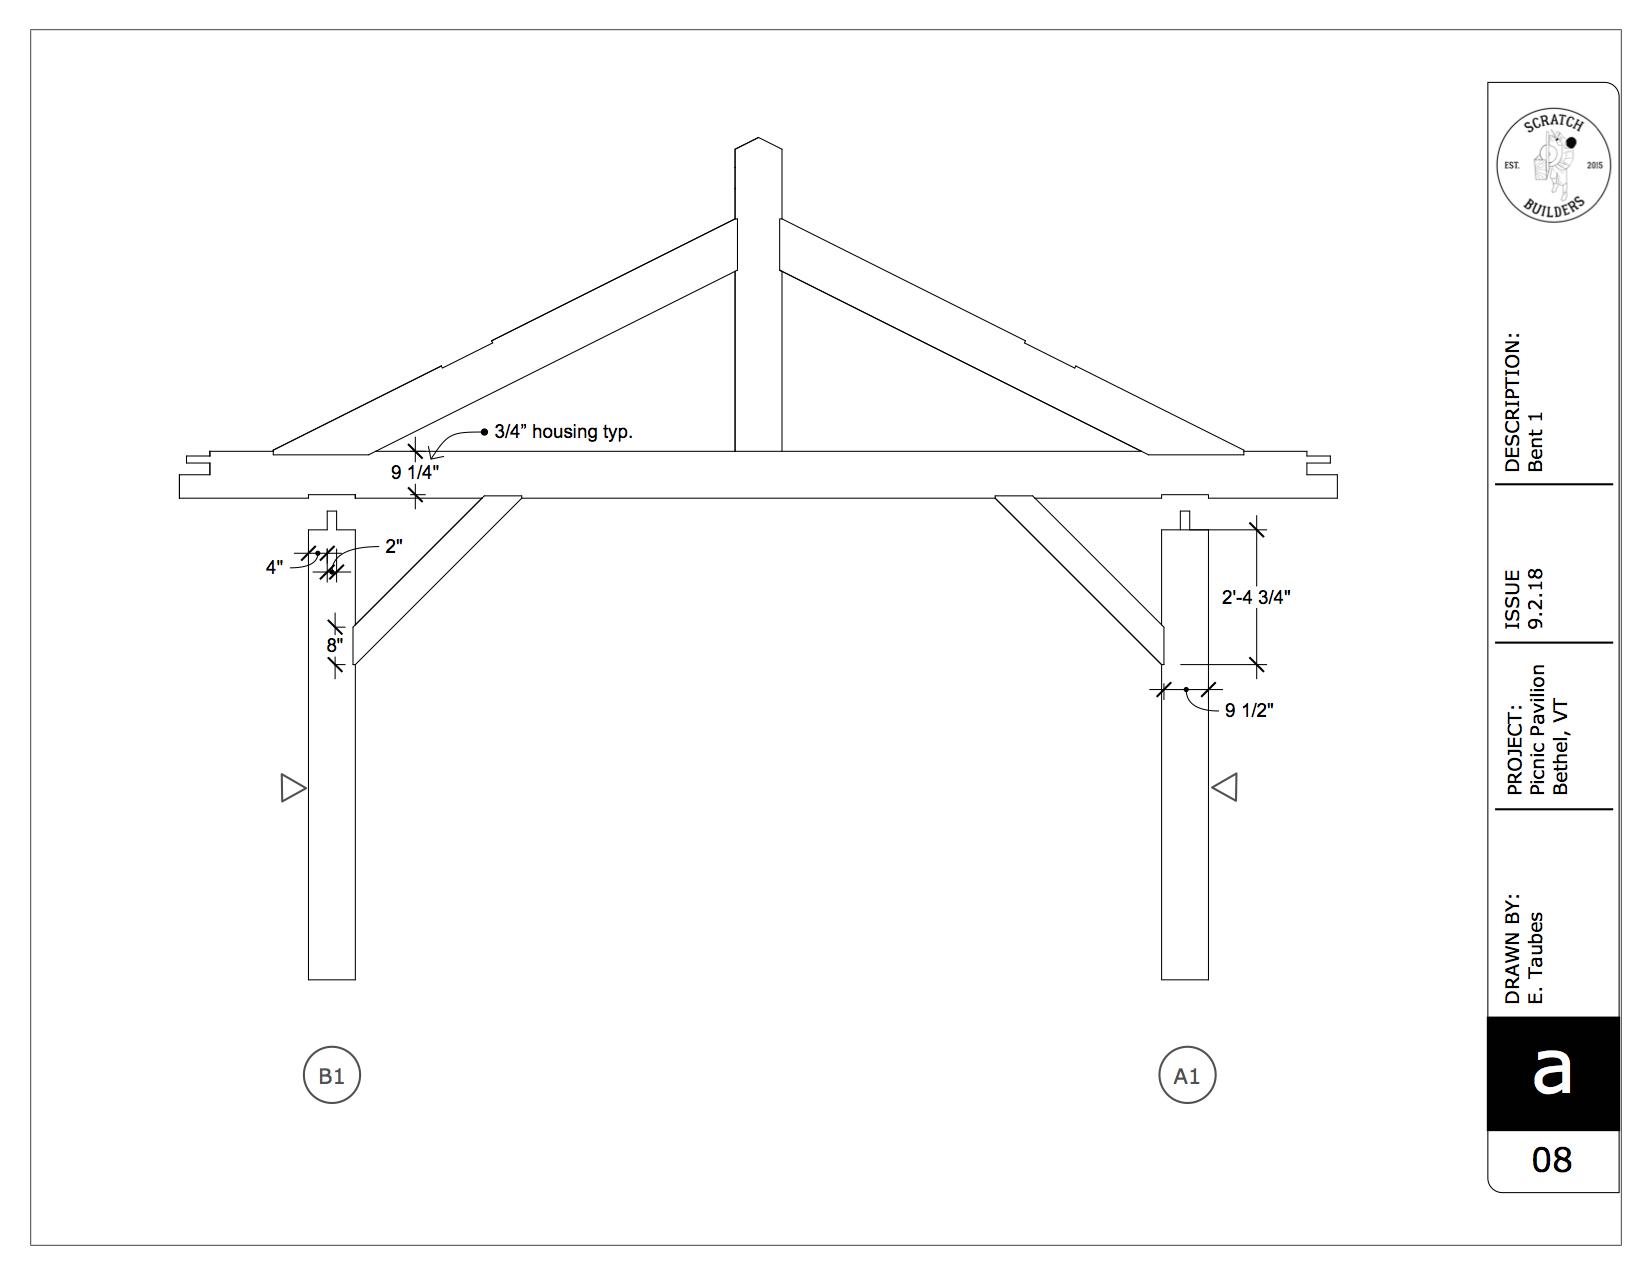 Strafford Drawing copy (dragged) 7.jpg